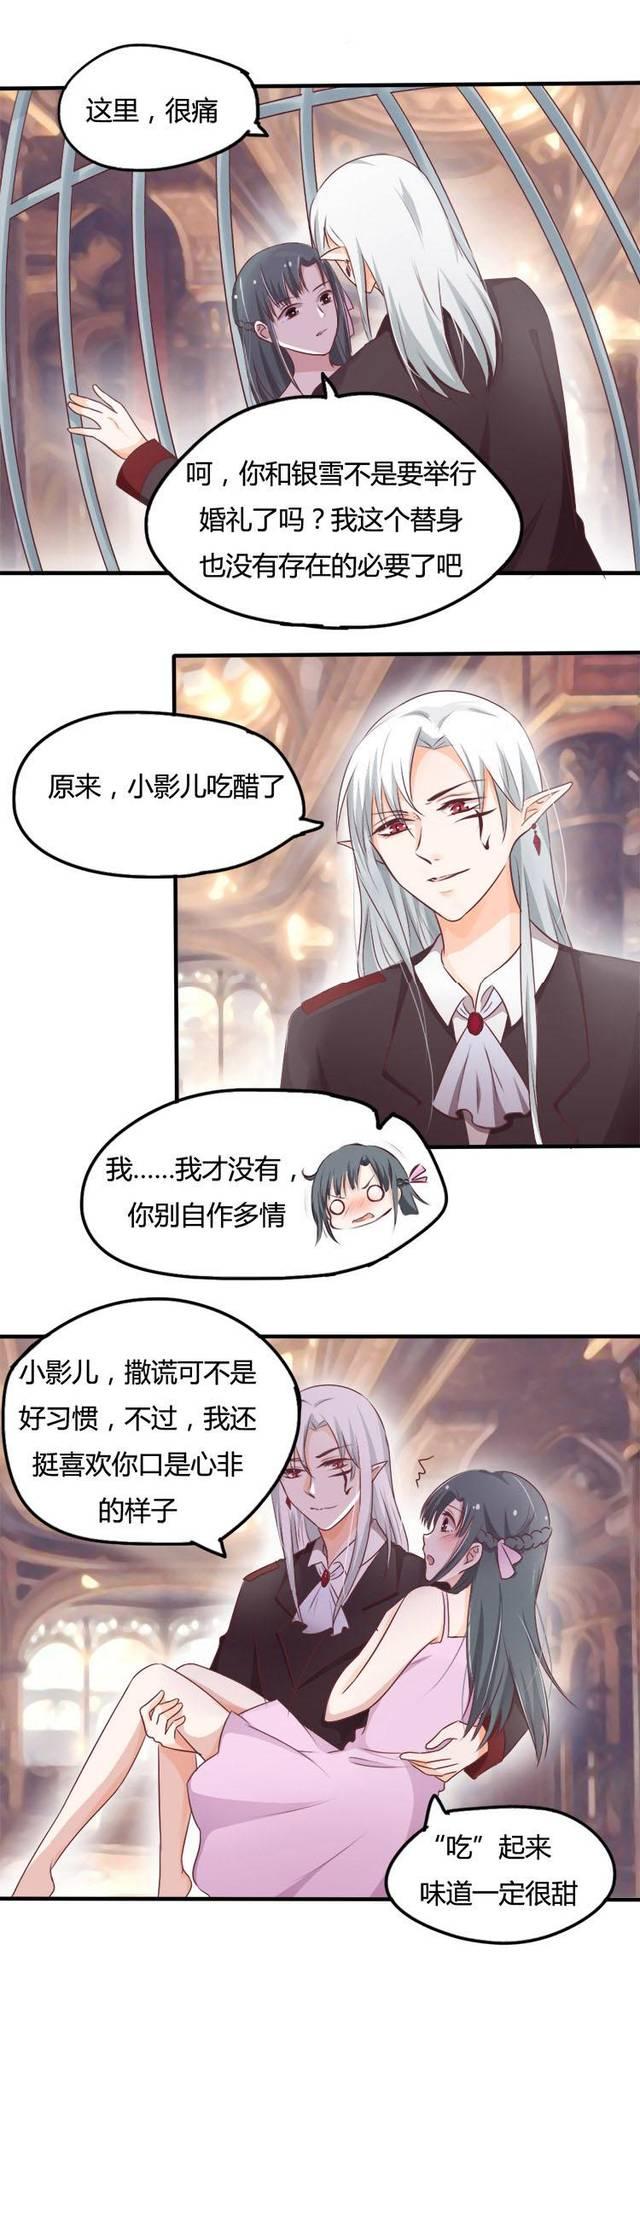 《吸血鬼的囚禁》漫画全彩:燃漫堂漫画集h来源下载图片